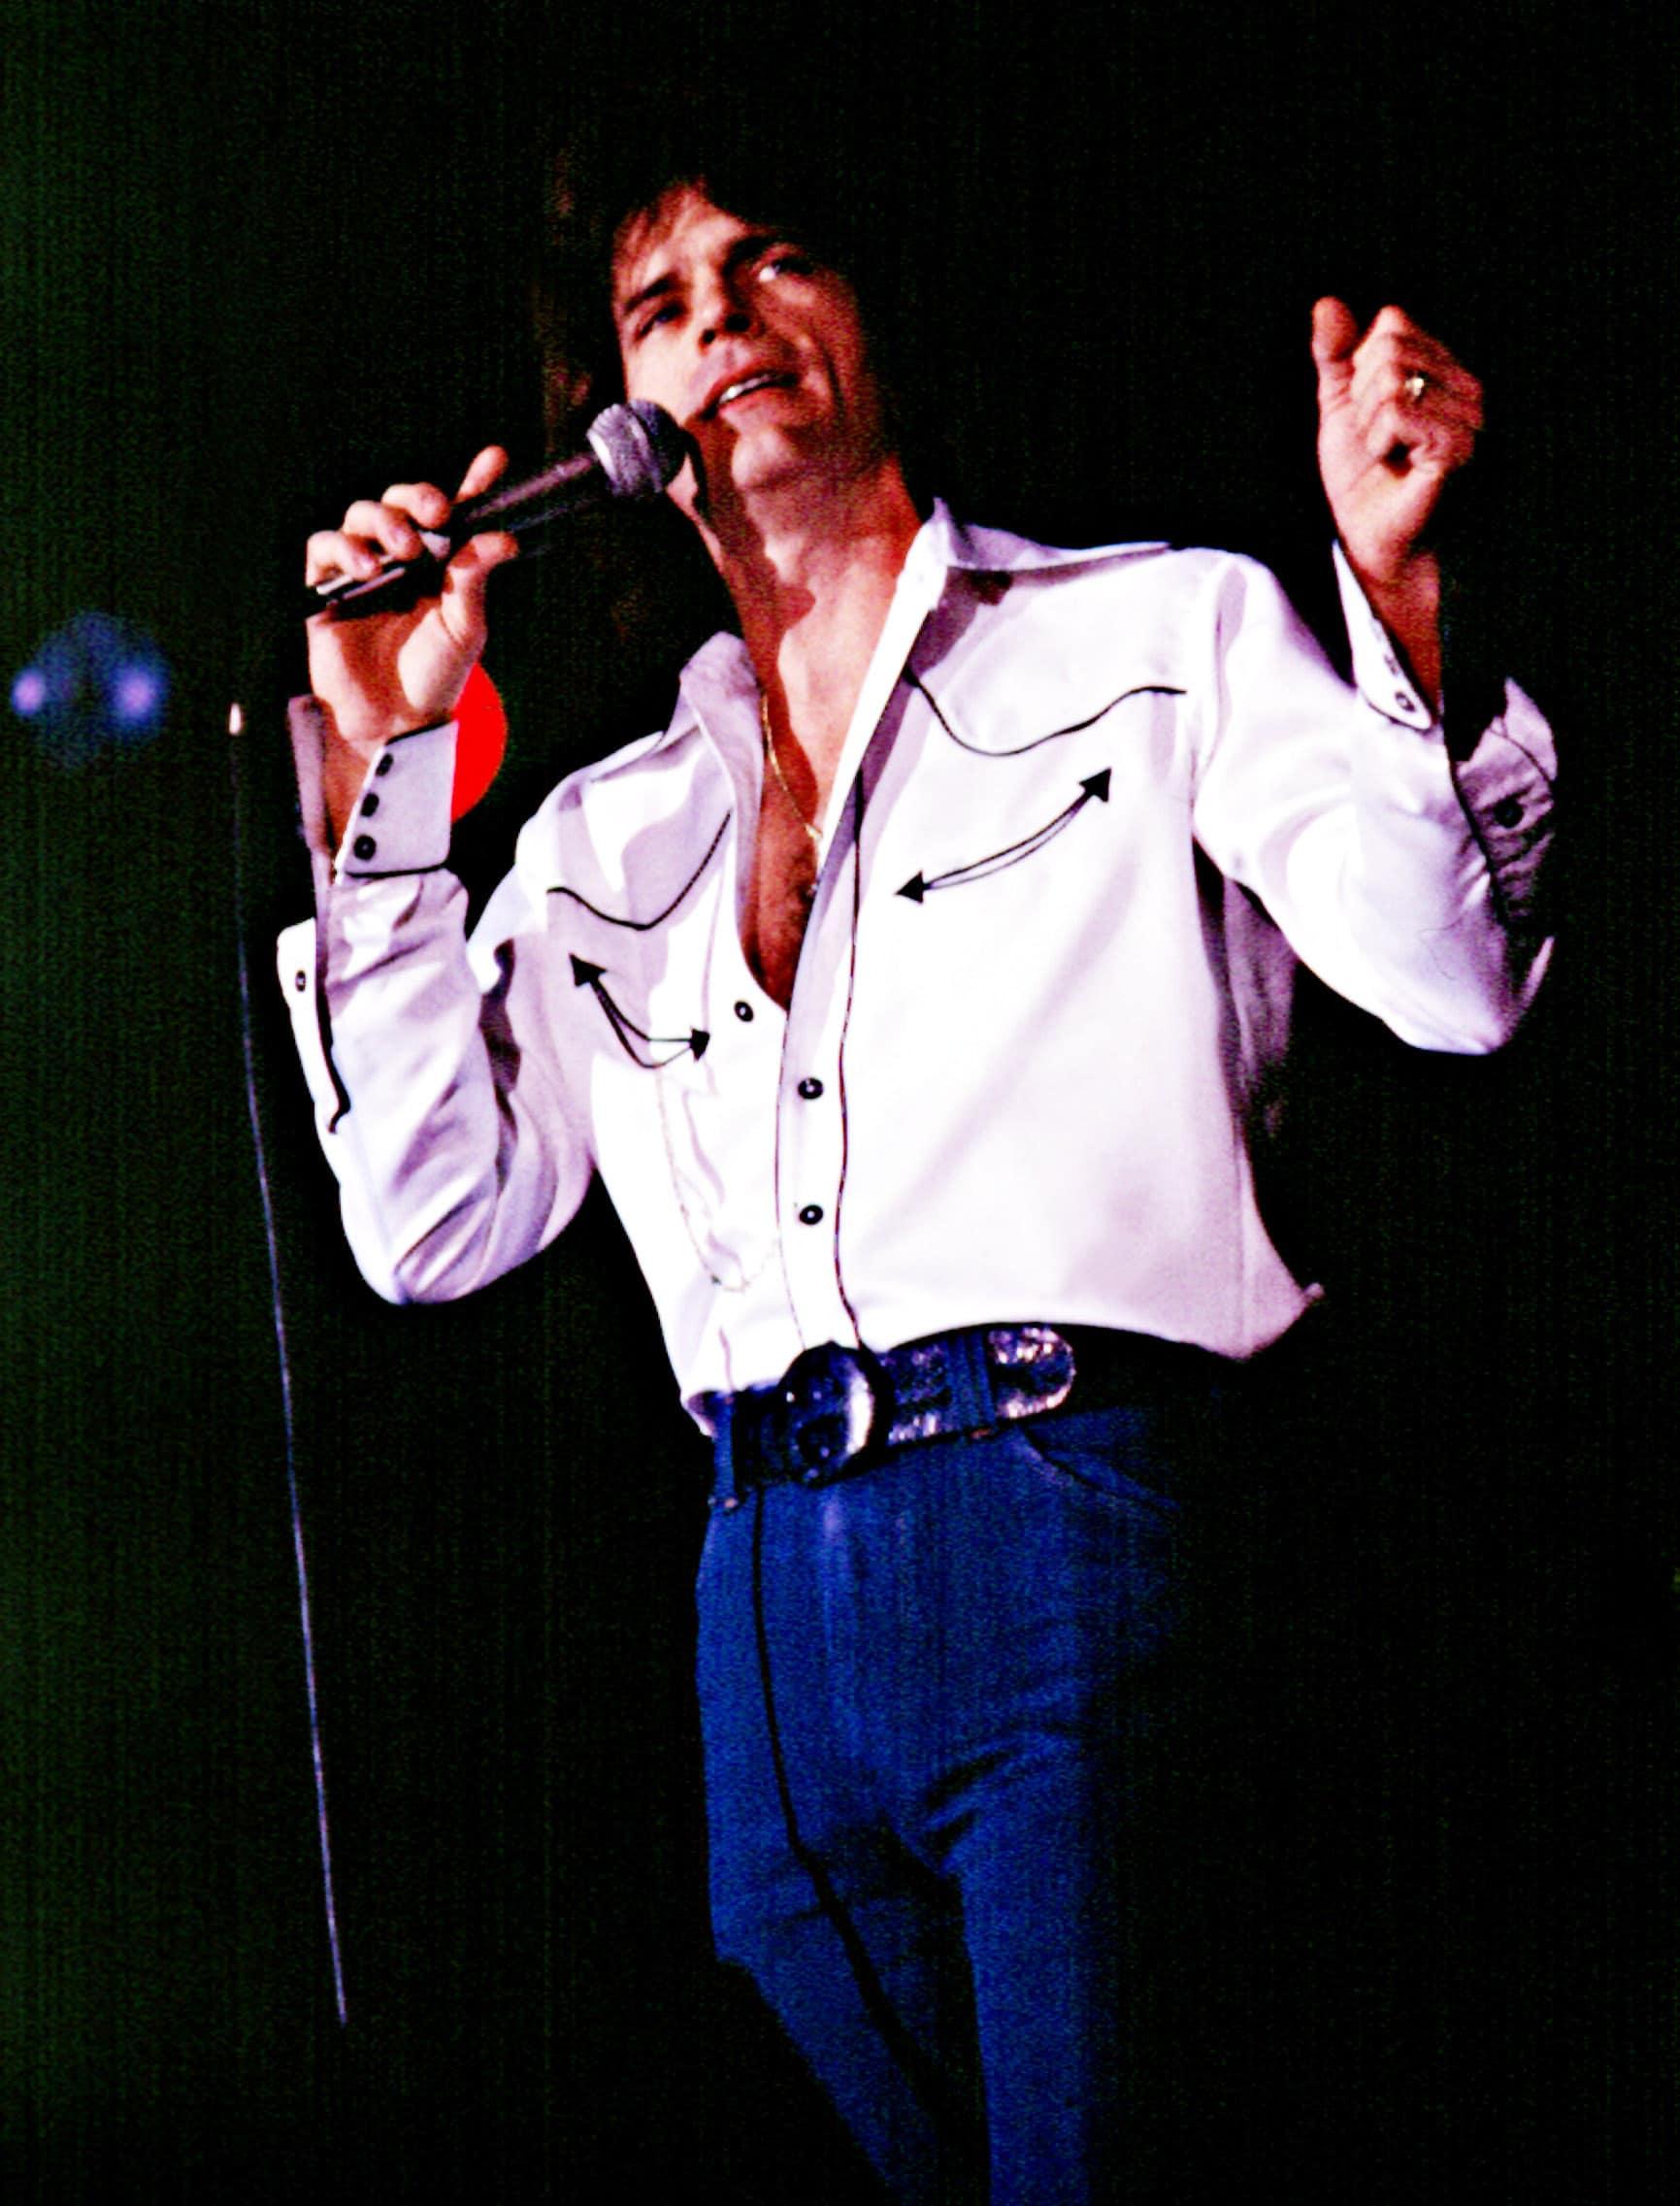 b.j. thomas performing